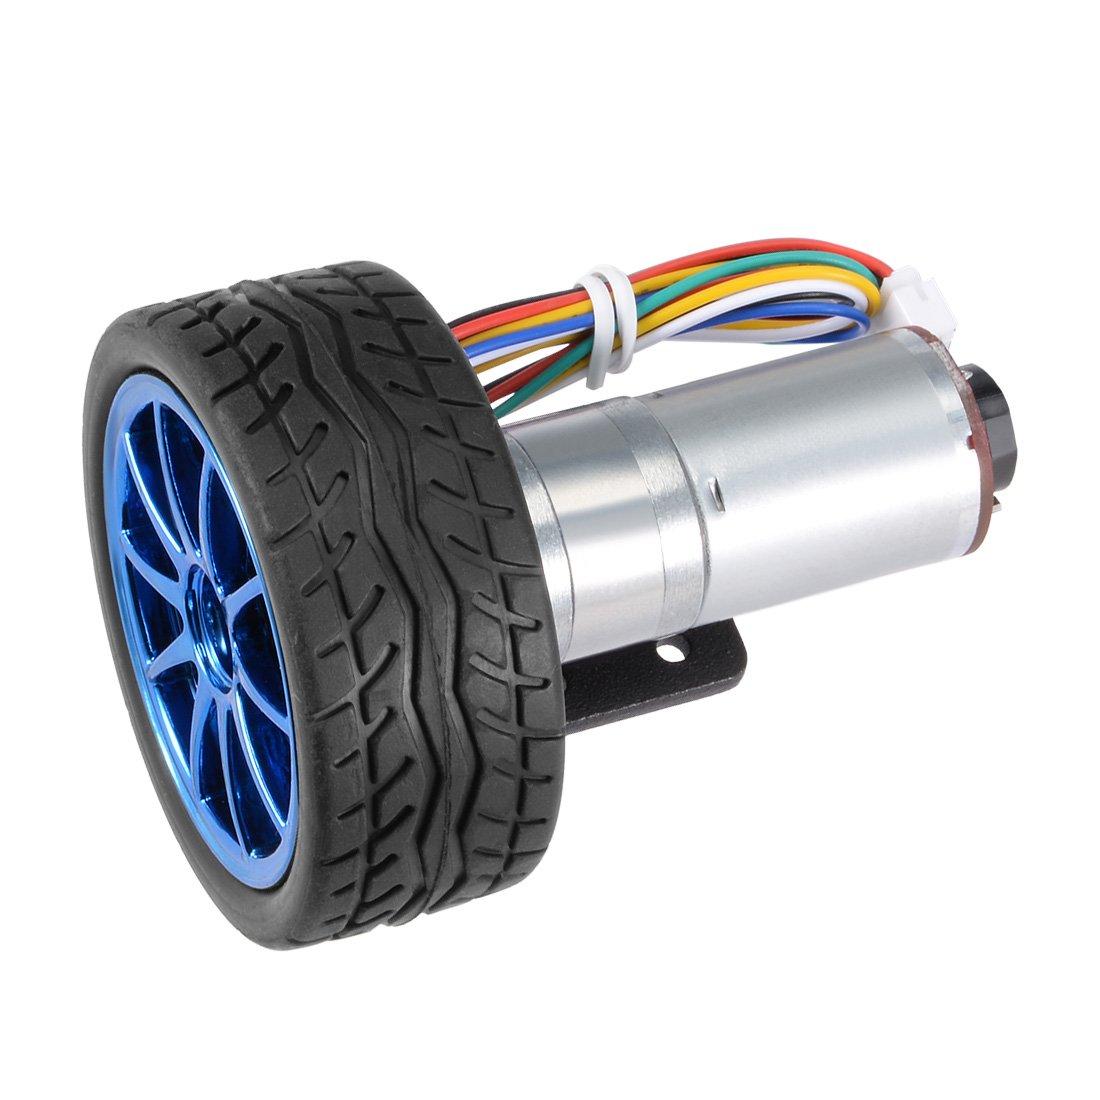 sourcingmap DC 24V 180RPM Encoder Gear Motor with Mounting Bracket 65mm Wheel Kit 1 set for Smart Car Robot DIY a17092900ux0524